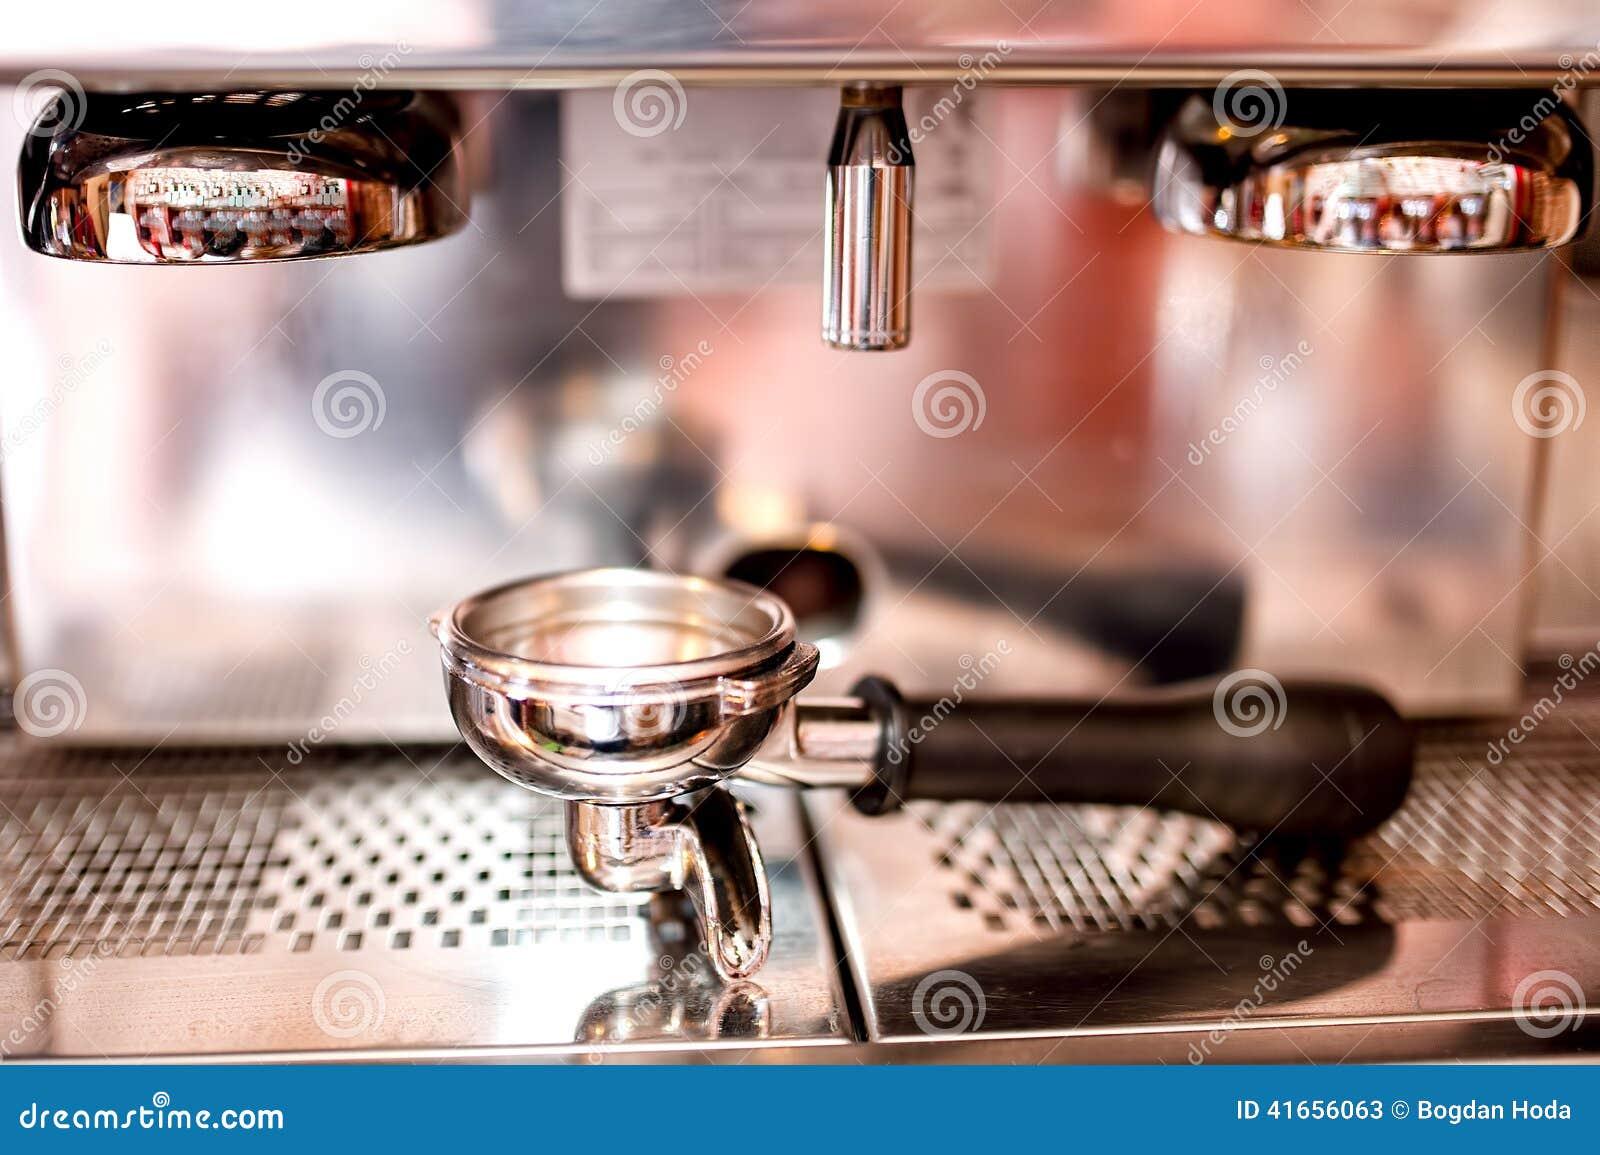 Машина эспрессо с инструментами и аксессуарами как шпалоподбойка, поршень